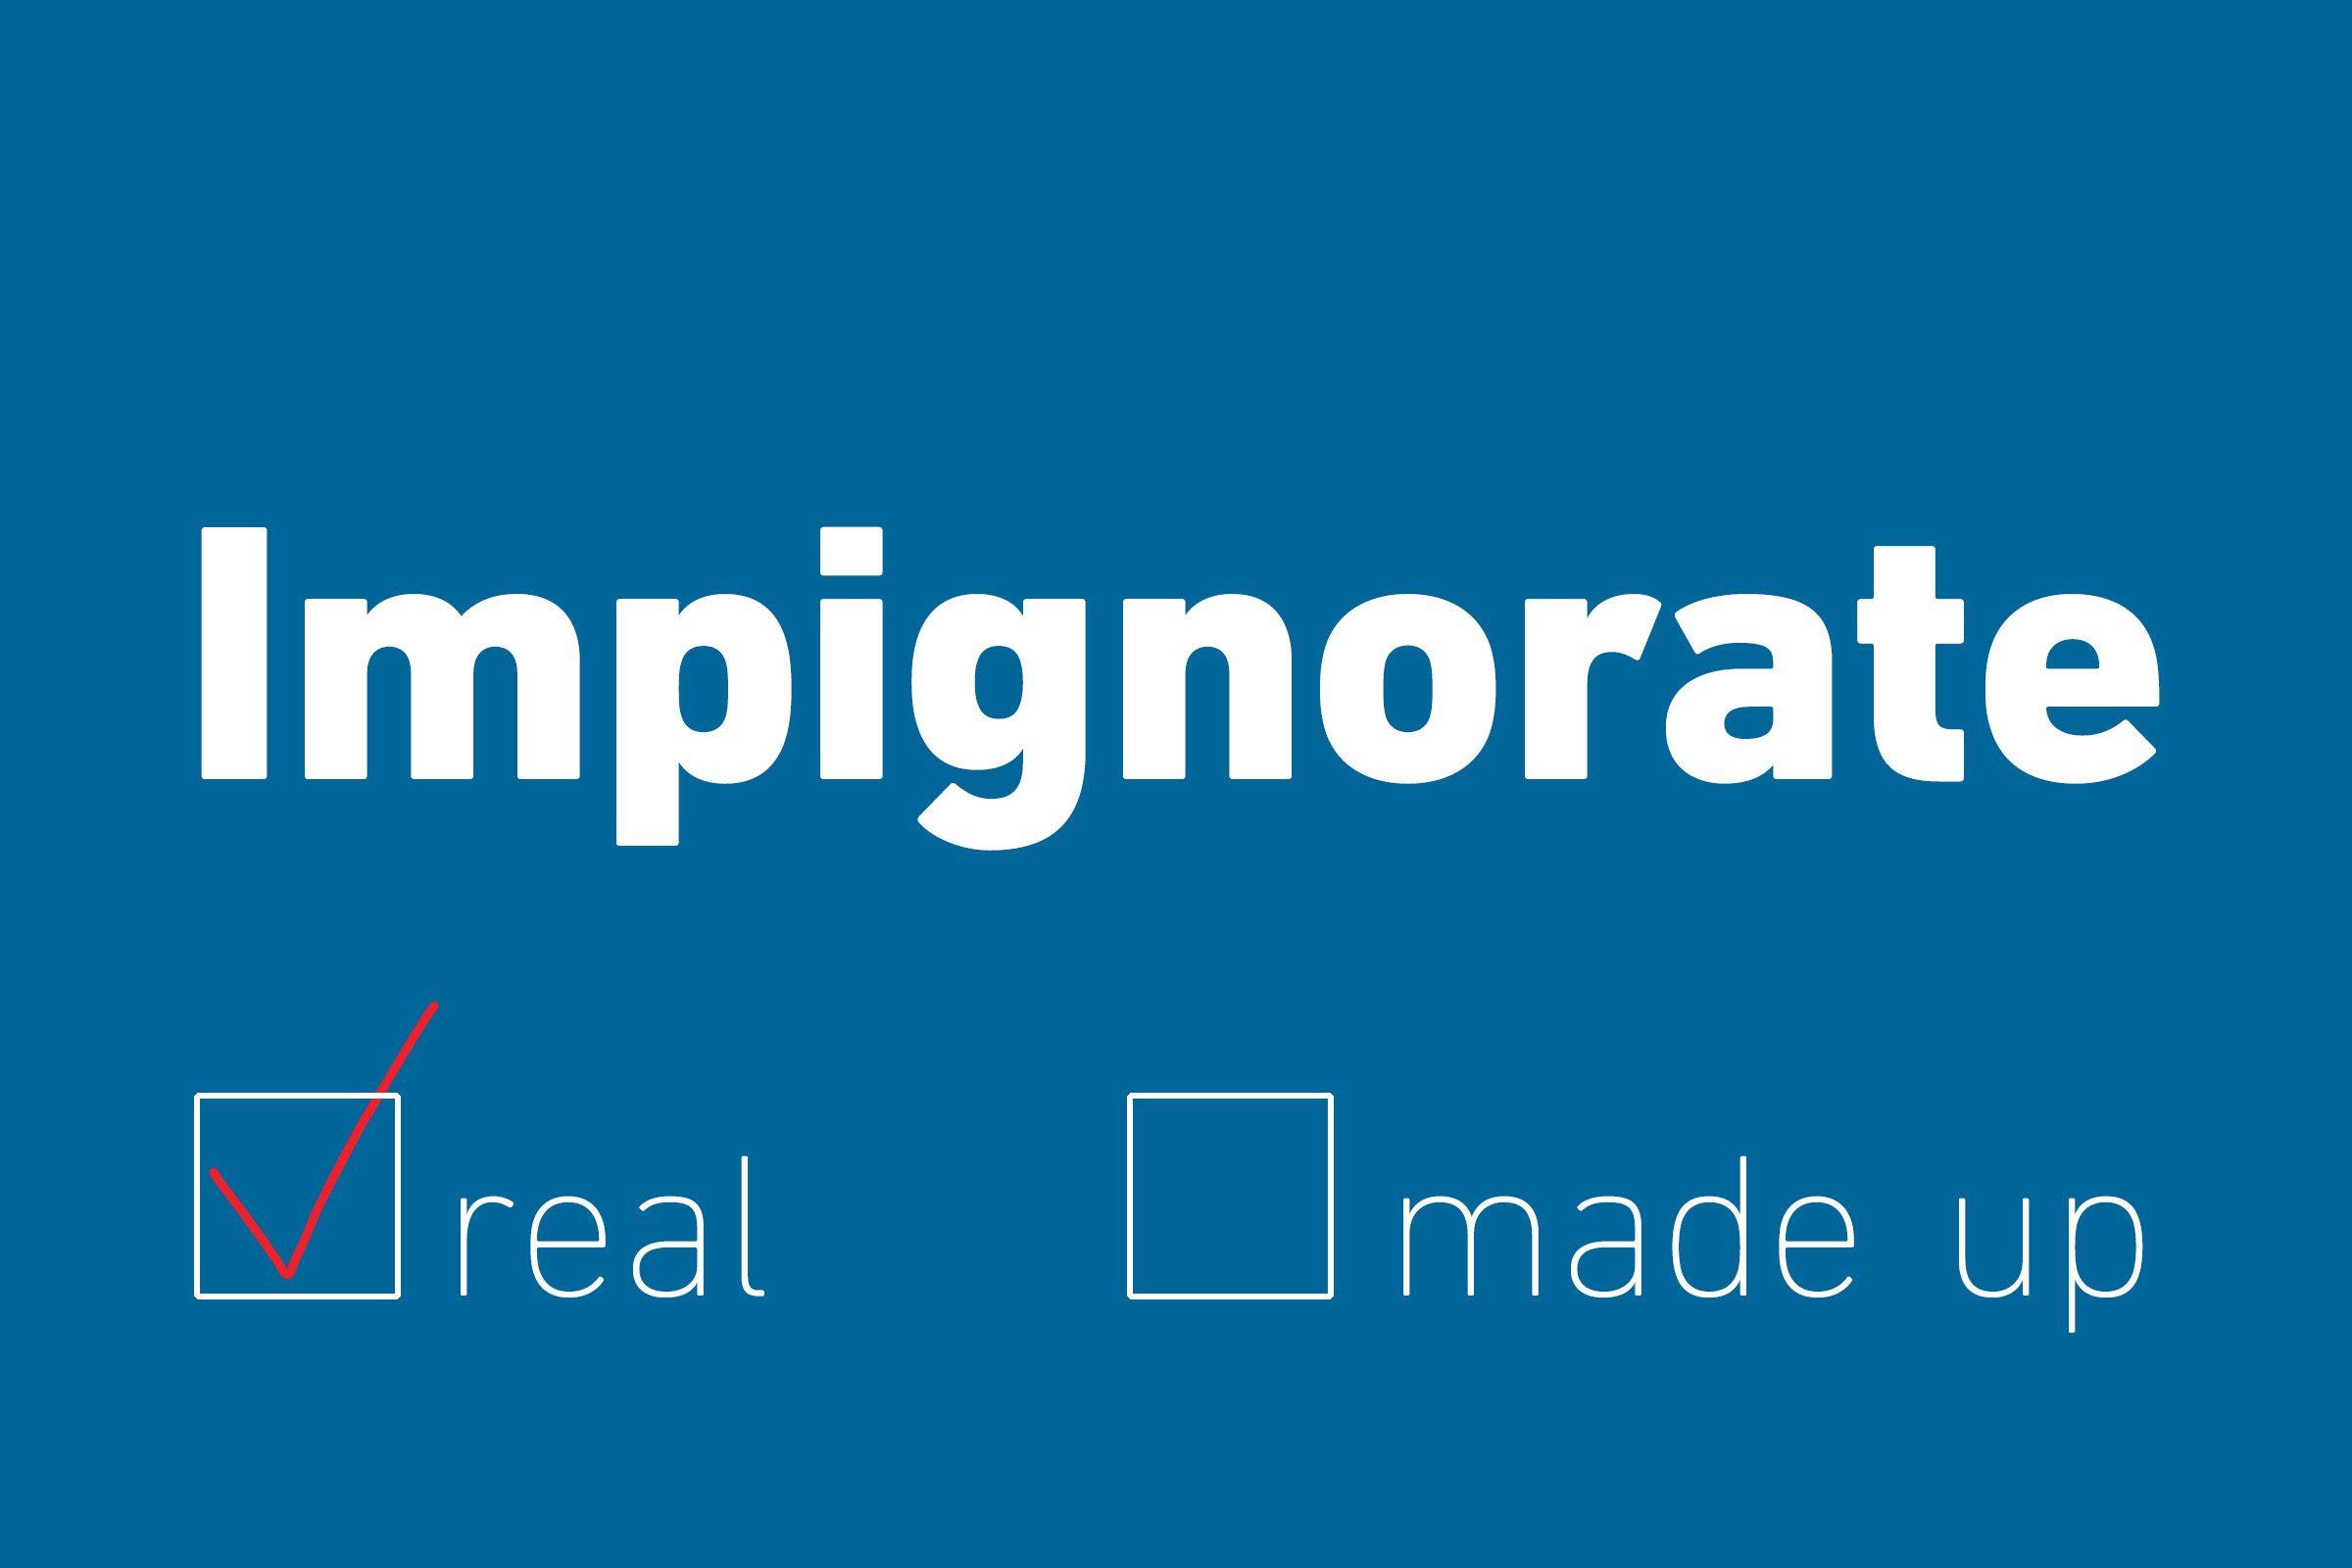 impignorate real